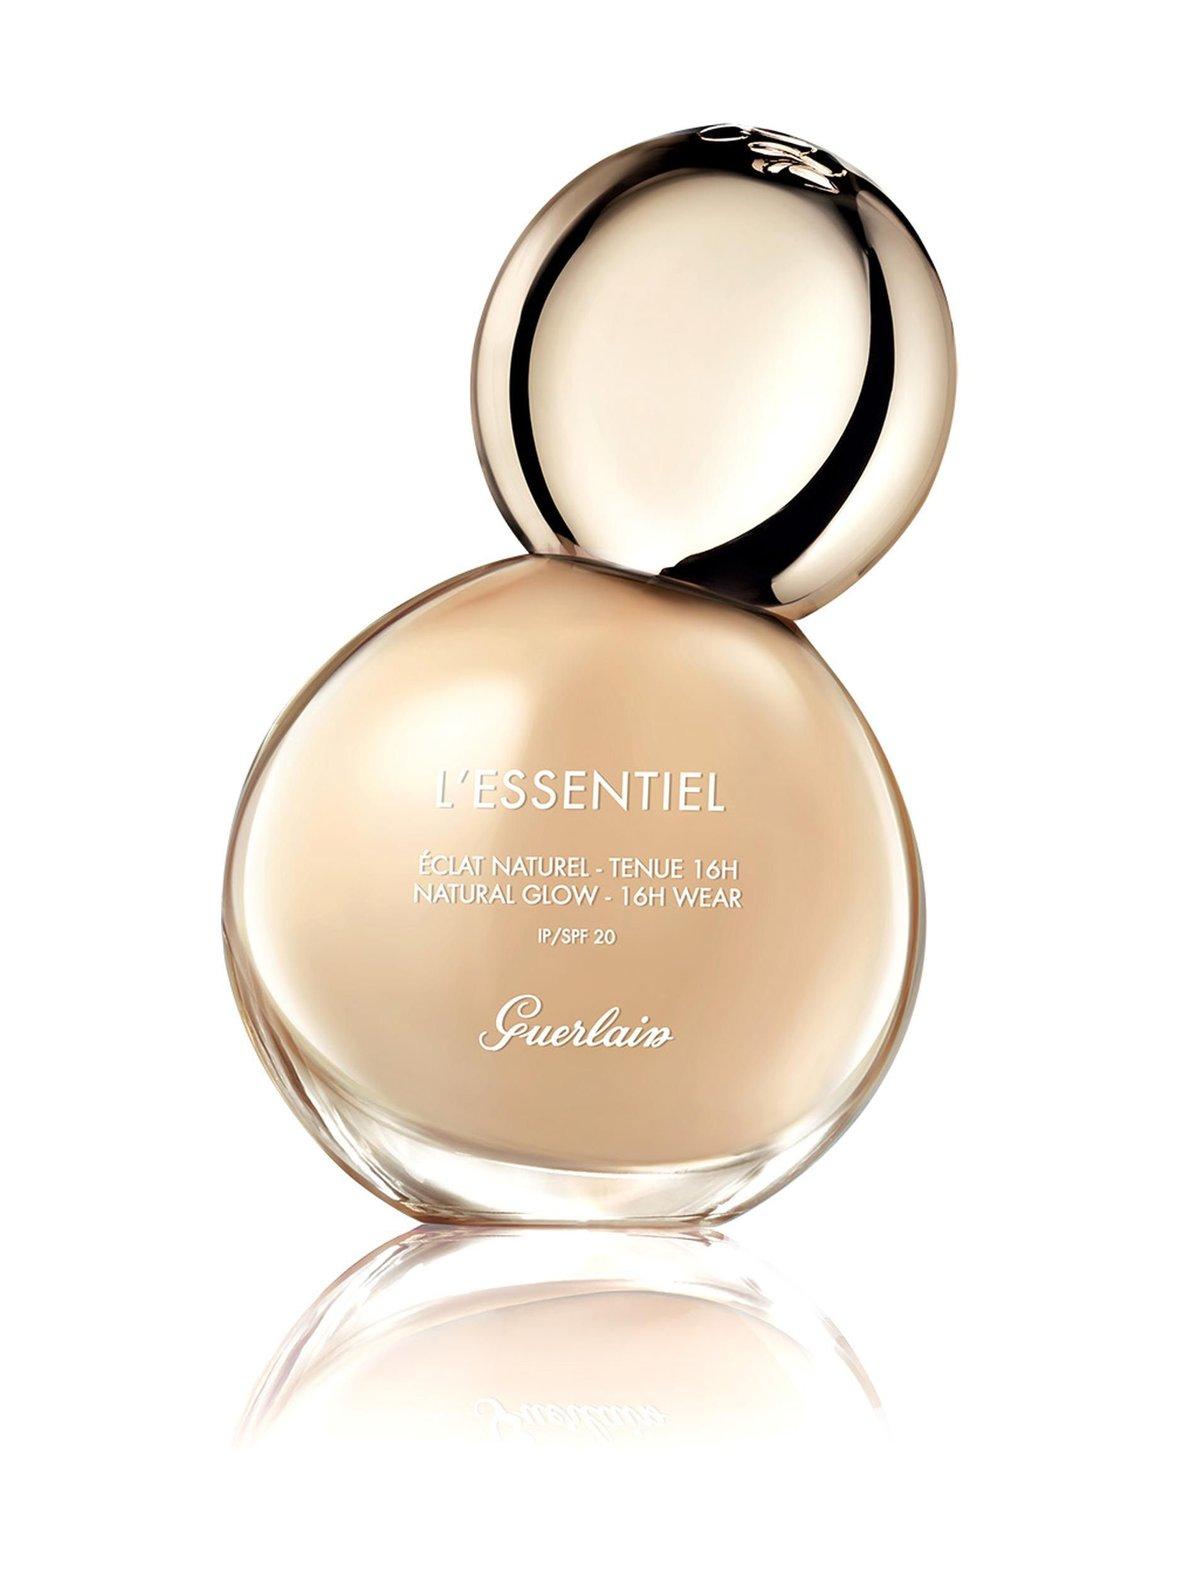 Guerlain – L'Essentiel-meikkivoide 30 ml